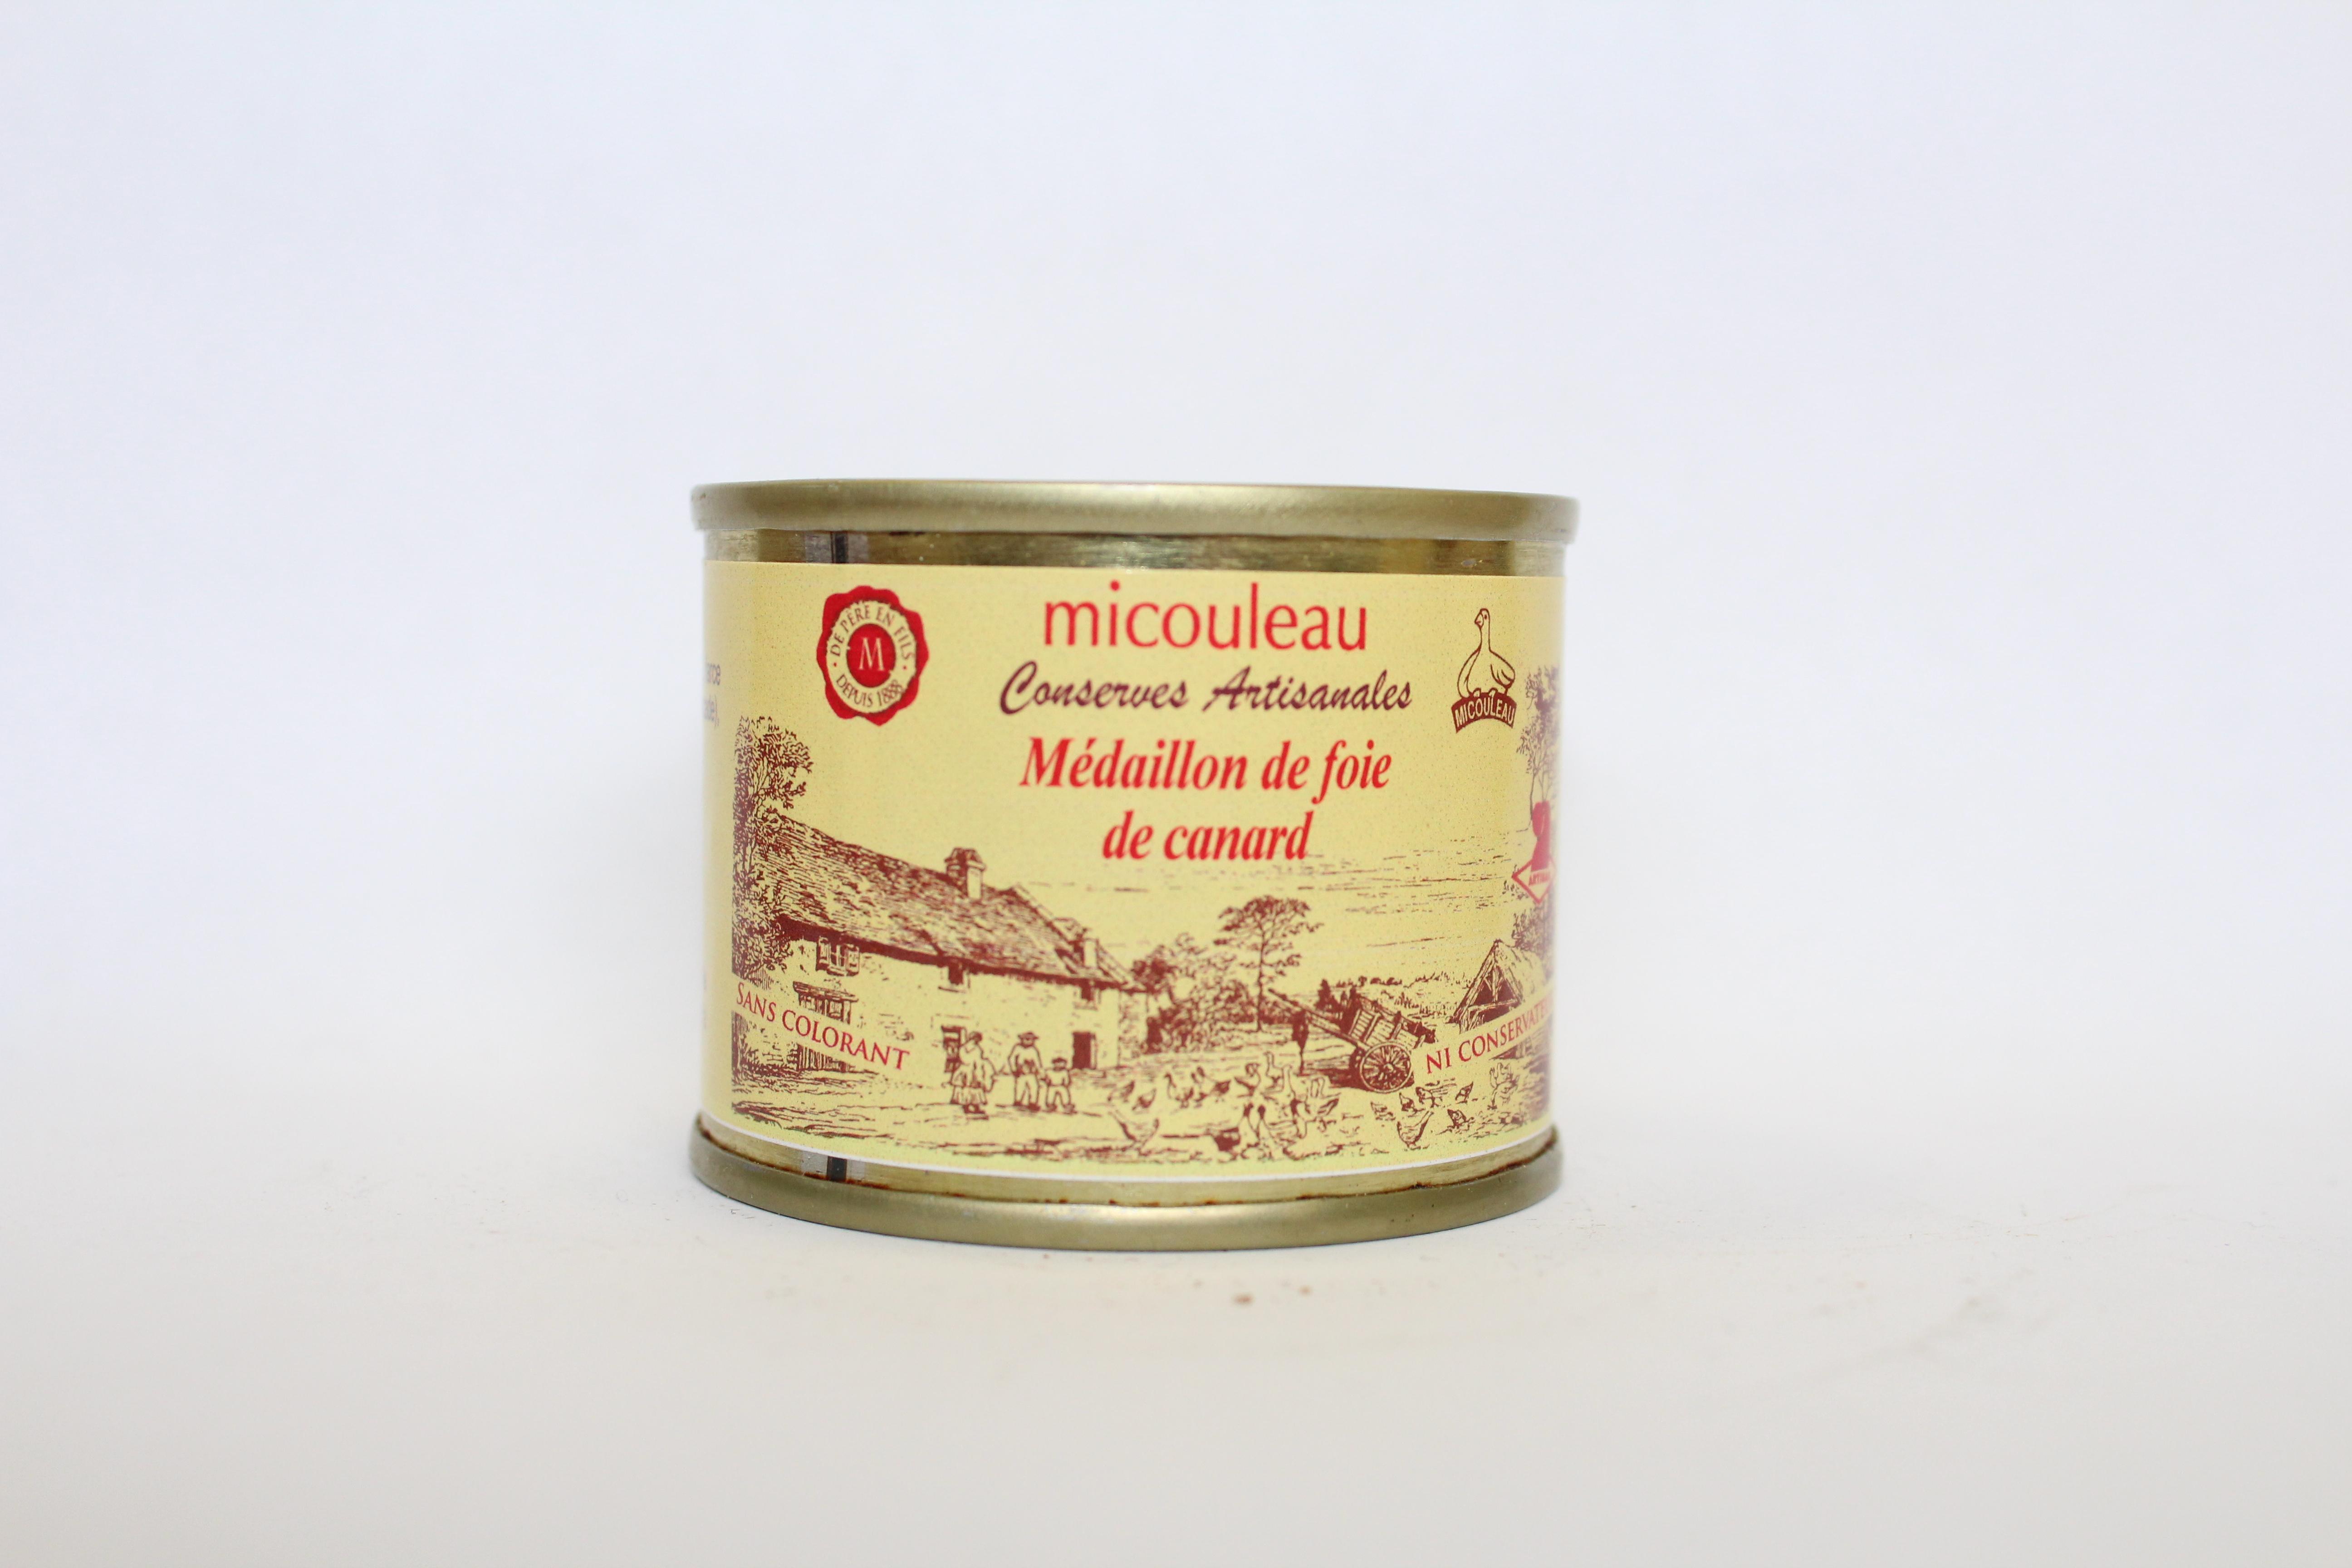 médaillon canard micouleau